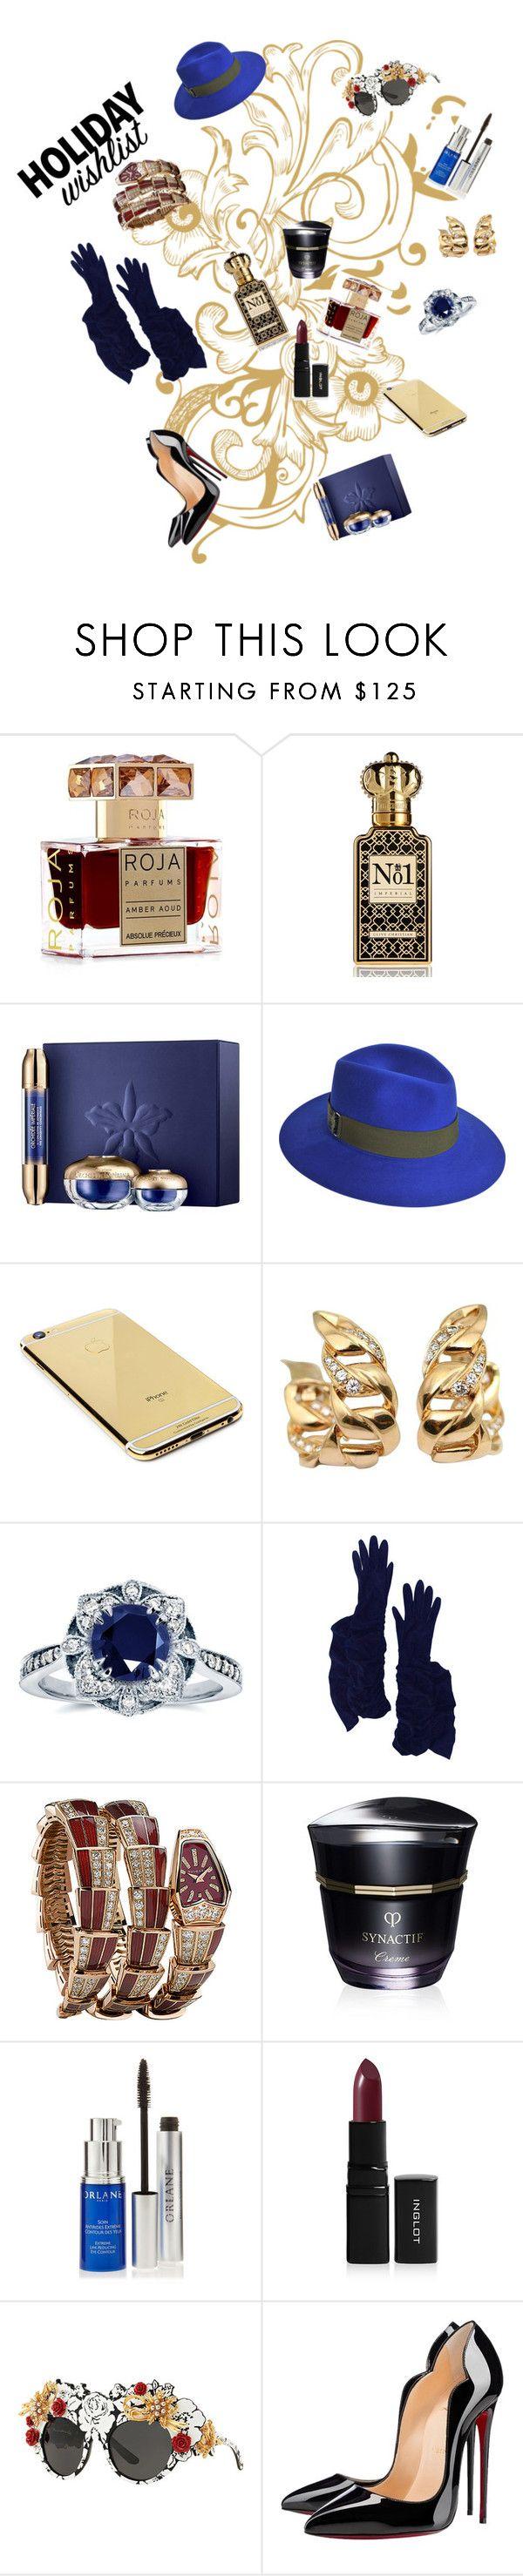 """""""outfit 3008"""" by natalyag ❤ liked on Polyvore featuring Roja Parfums, Clive Christian, Guerlain, Maison Michel, Goldgenie, Cartier, Kobelli, Hermès, Bulgari and Clé de Peau Beauté"""